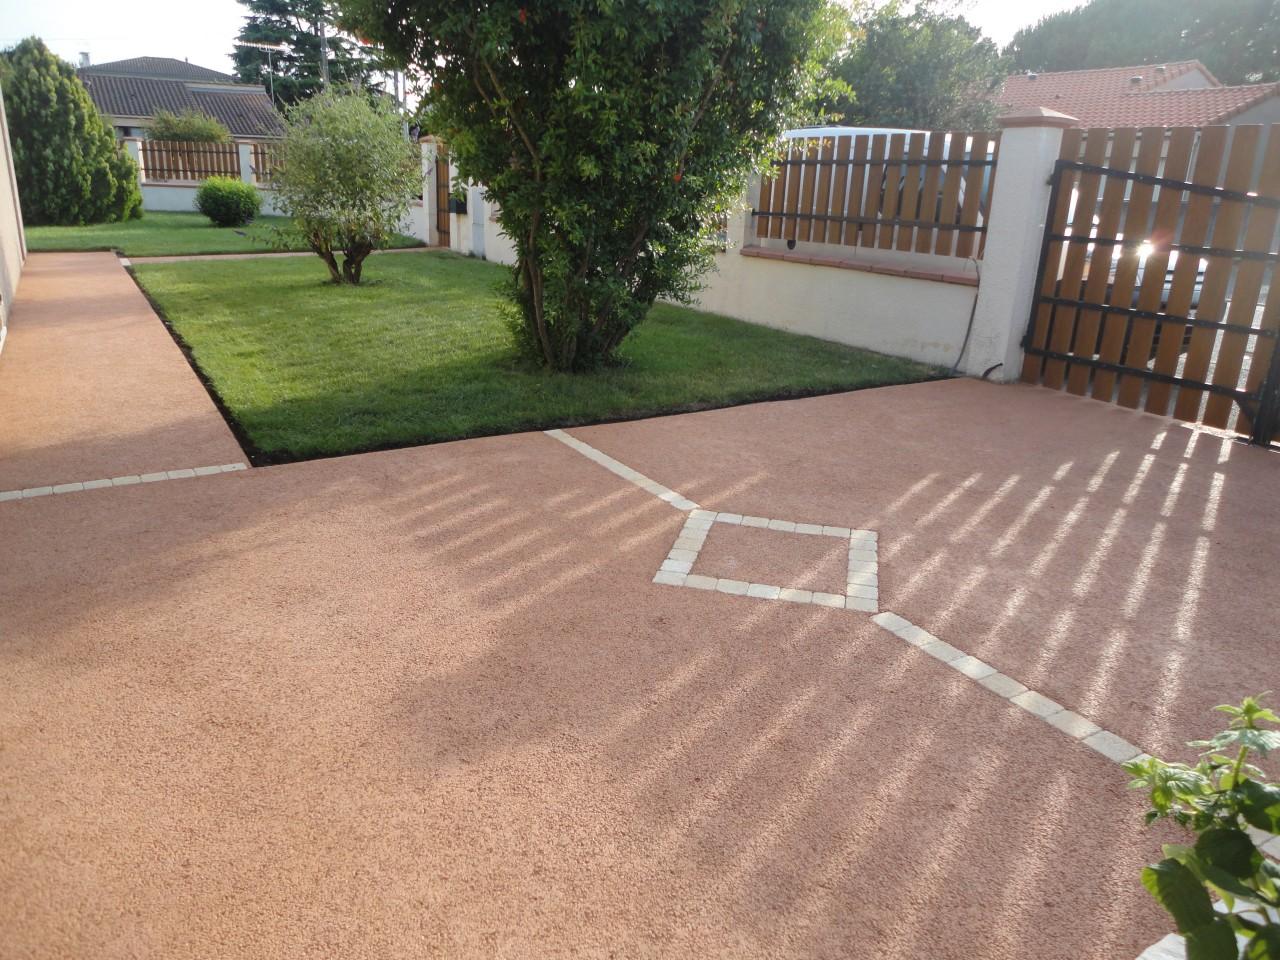 Le béton drainant, un matériau idéal pour vos sols extérieurs